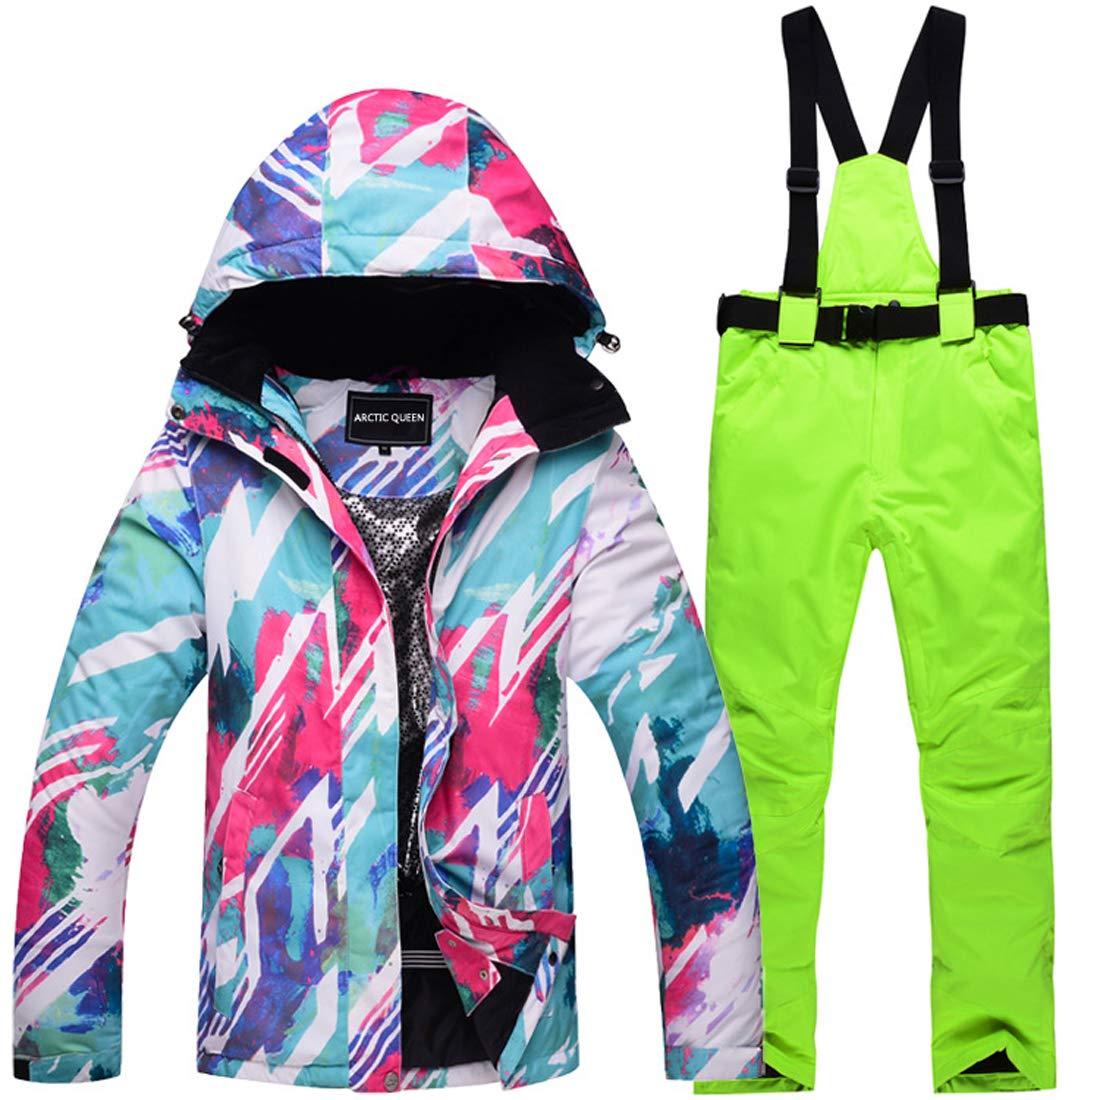 スキーウェア レディース 上下セット スノーボード ウェア スノーボードジャケット ジャケット パンツ ズボン スキースーツ スノーボードウェア セットアップ 保温 防寒 防風 撥水 防水 女性 アウタージャケット スーツ スポーツコート スノボウェア カラー1+蛍光グリーン Small